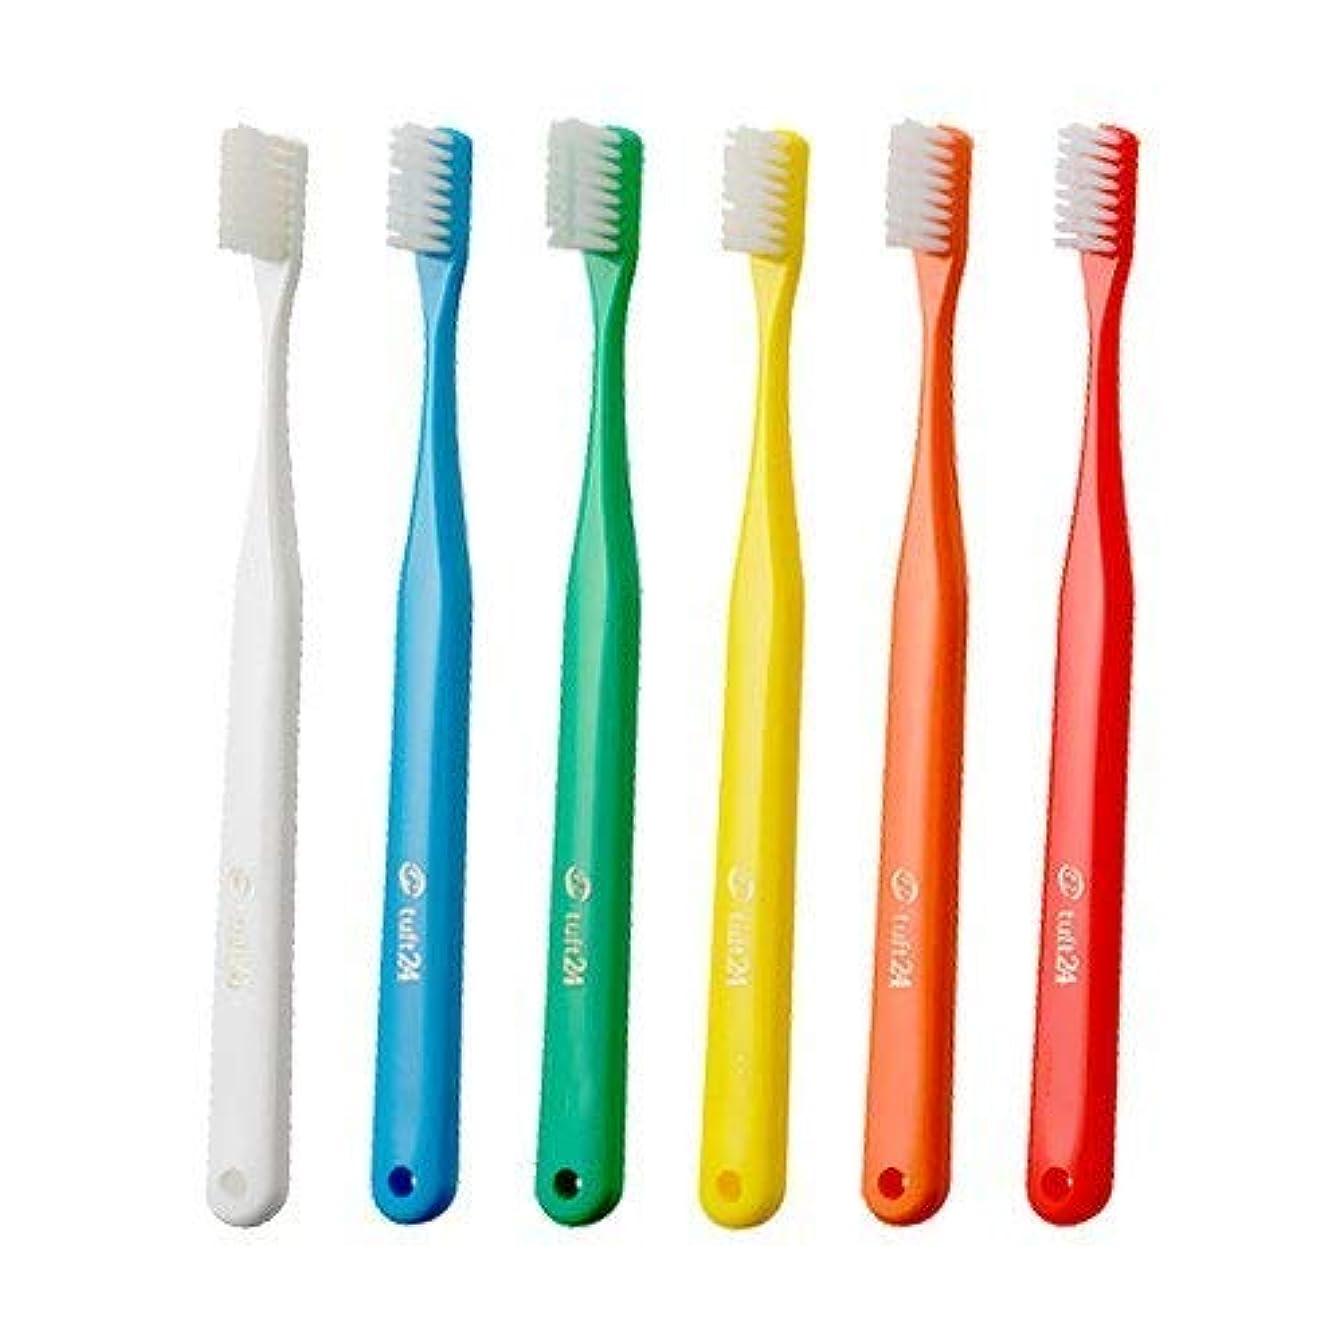 参照にやにや市場オーラルケア キャップなし タフト24 歯ブラシ × 10本 (MH)